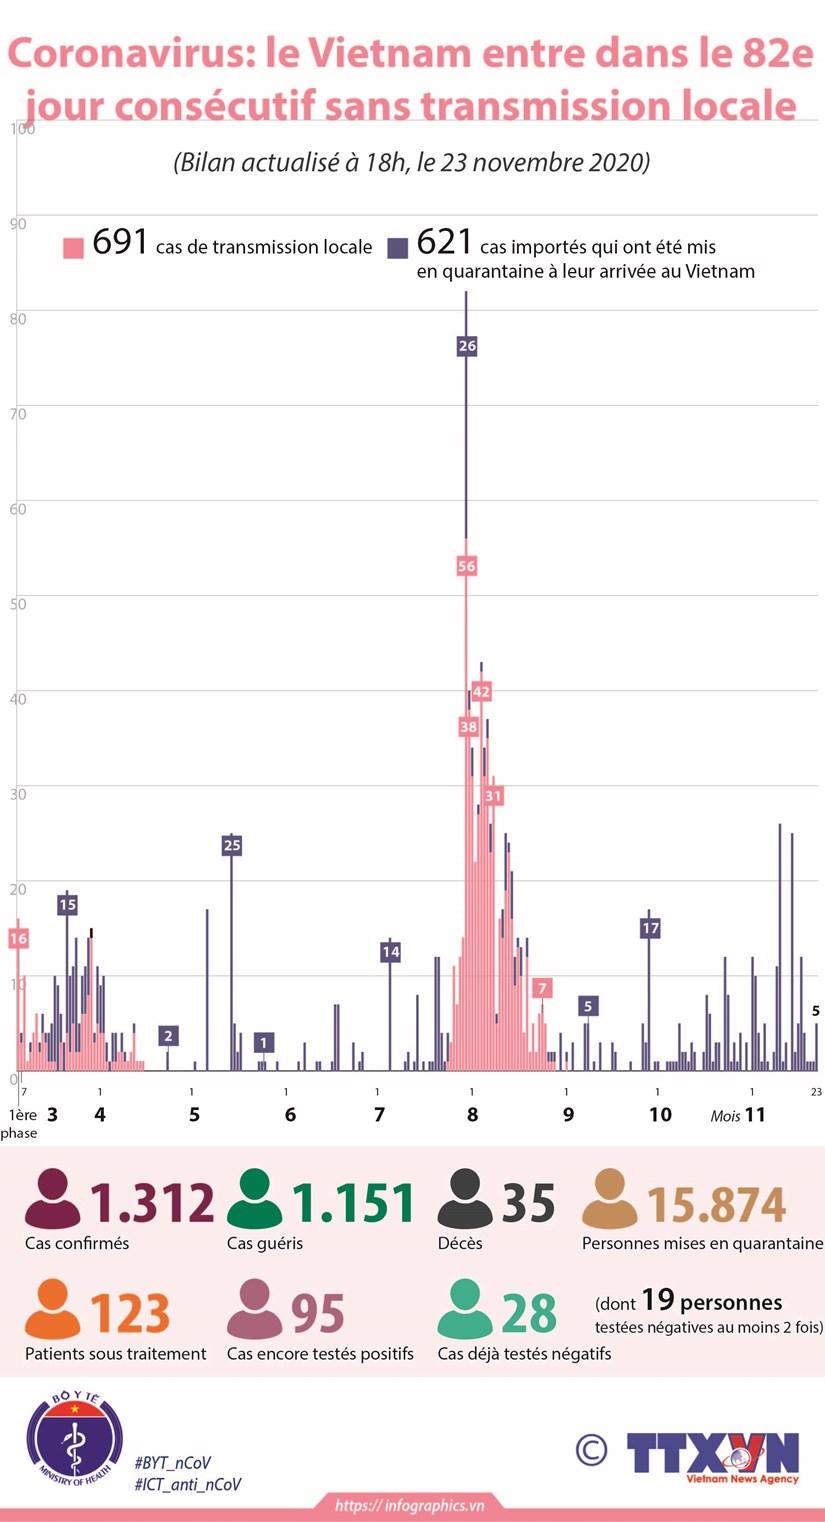 Coronavirus : le Vietnam entre dans le 82e jour consecutif sans transmission locale hinh anh 1